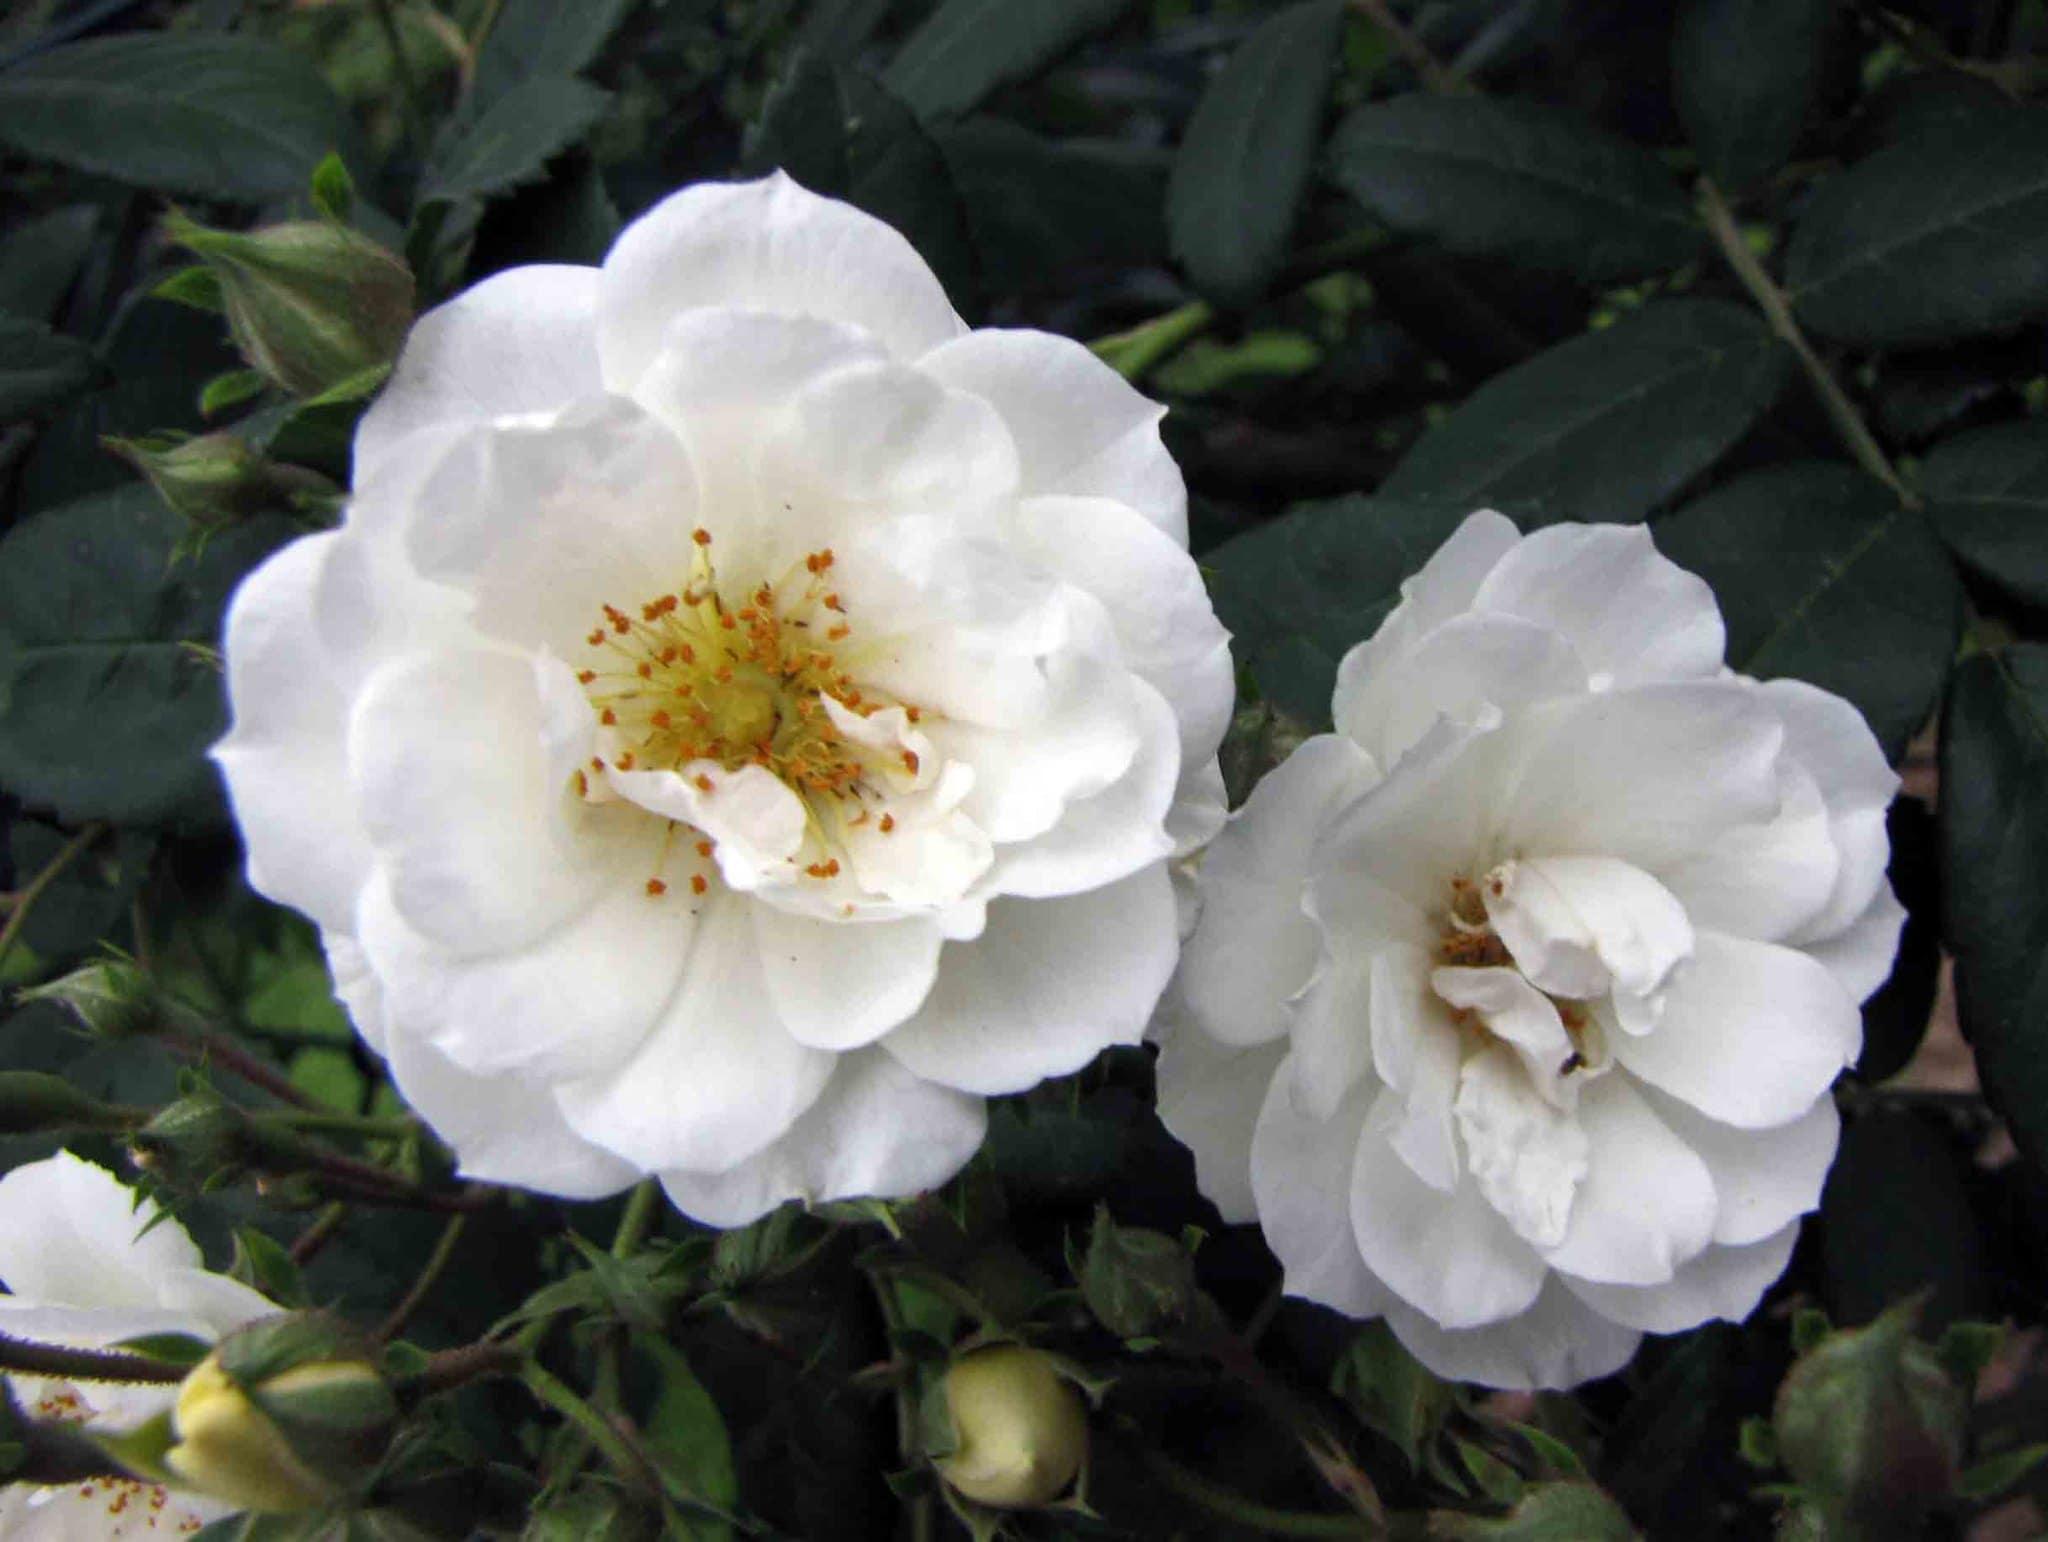 La Rosa moschata es un arbusto que produce flores blancas